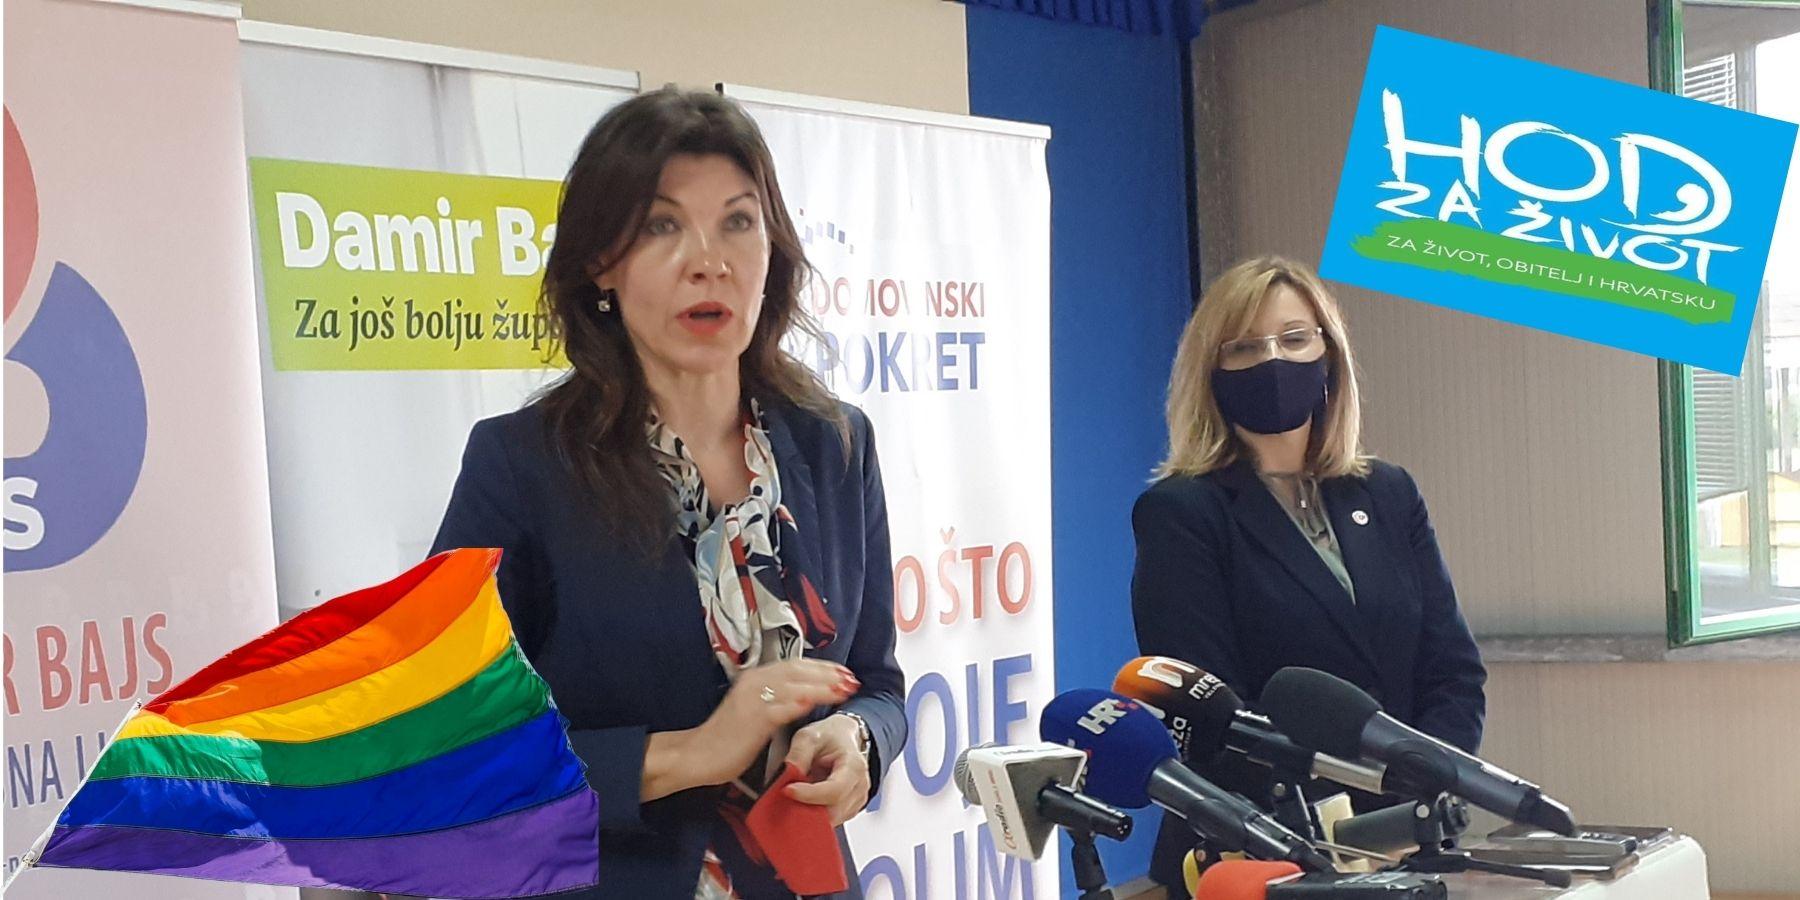 Hod za život i Gay pride u istoj povorci